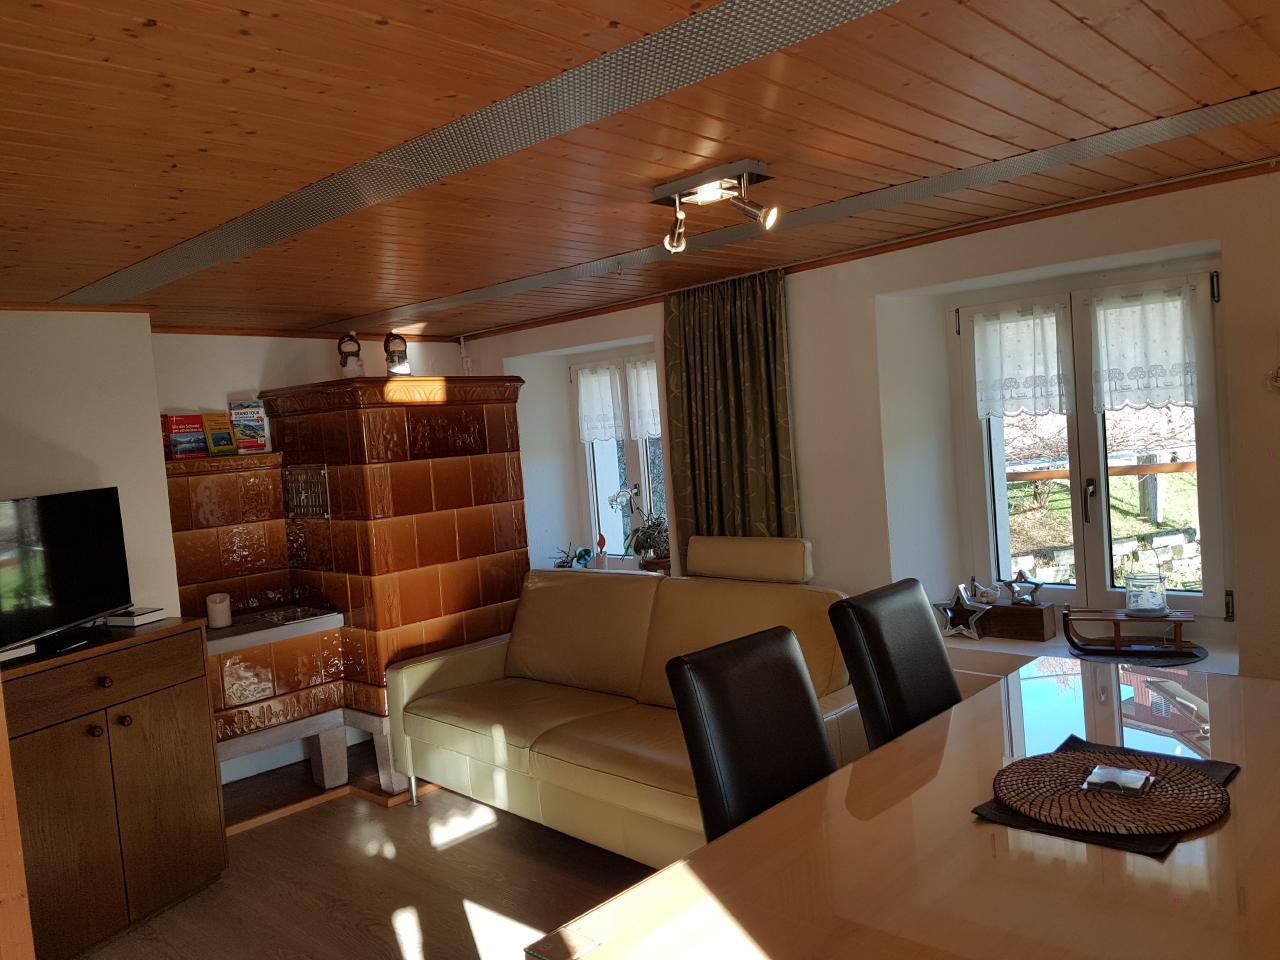 Ferienwohnung 3,5-Zimmer Ferienwohnung (1576388), Sattel, Schwyz, Zentralschweiz, Schweiz, Bild 10